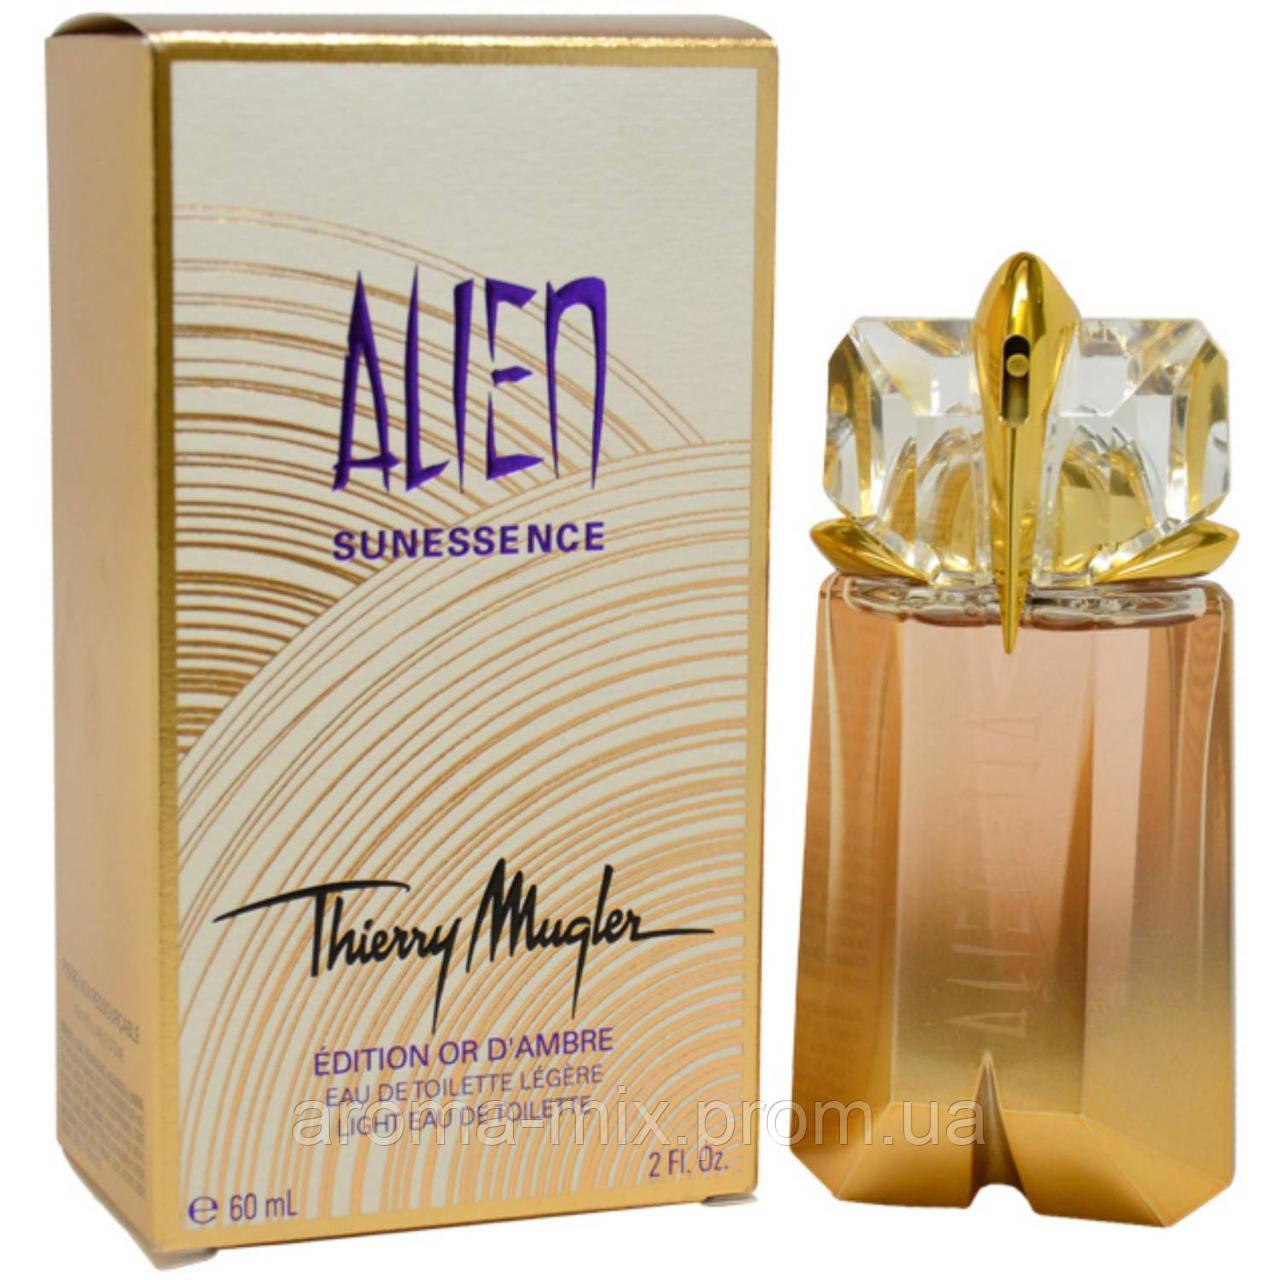 Thierry Mugler Alien Sunessence Edition Or Dambre женская